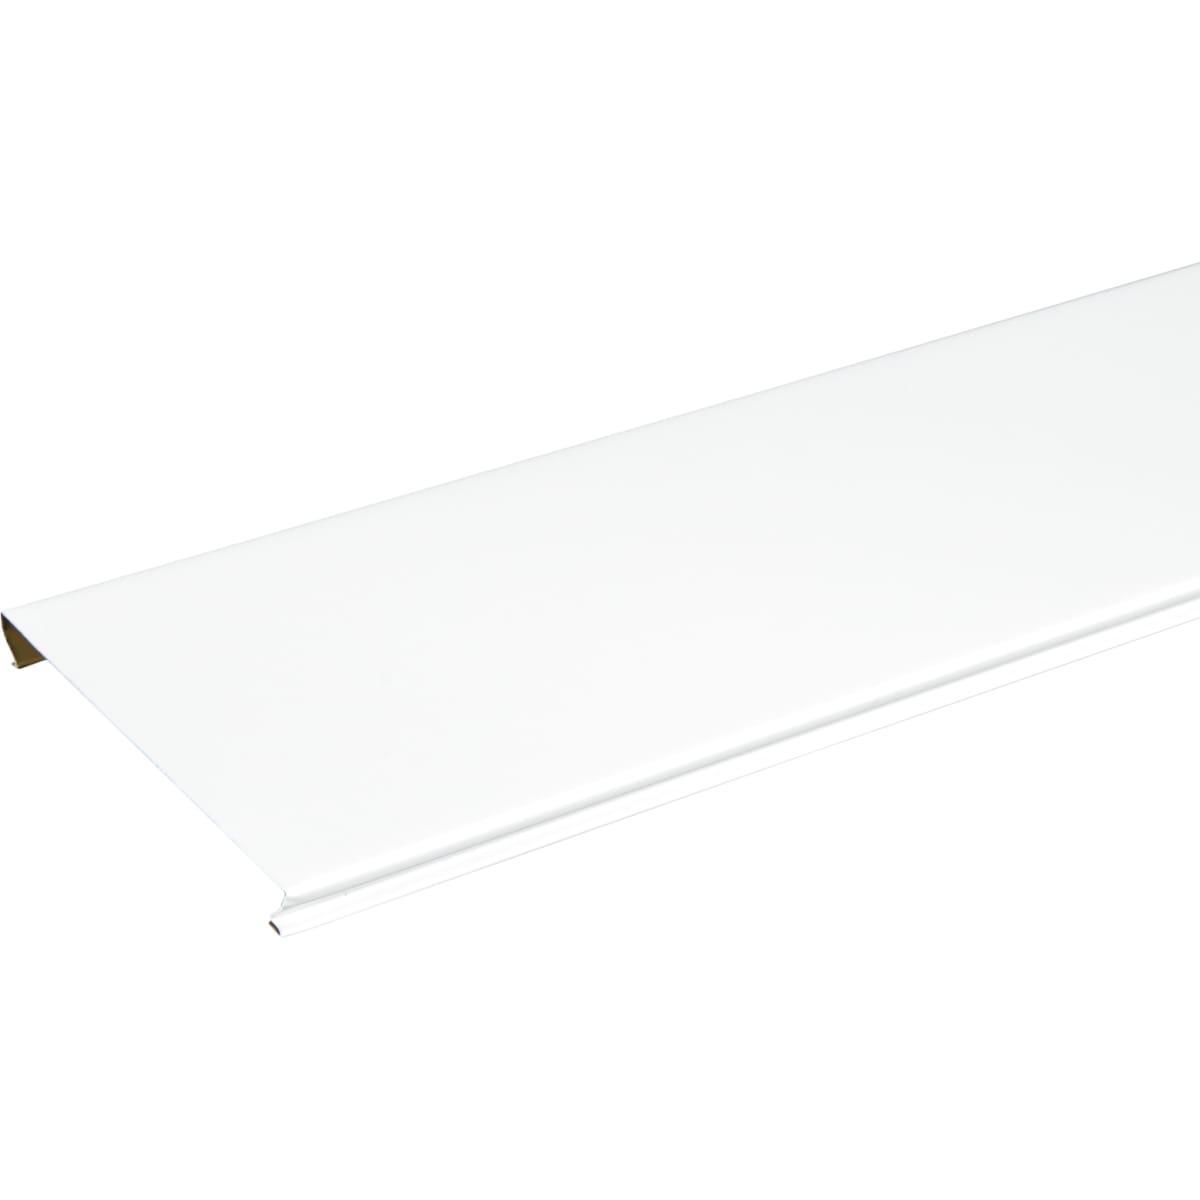 Набор реек «Базис» 3x0.2 м цвет белый матовый 2 шт.